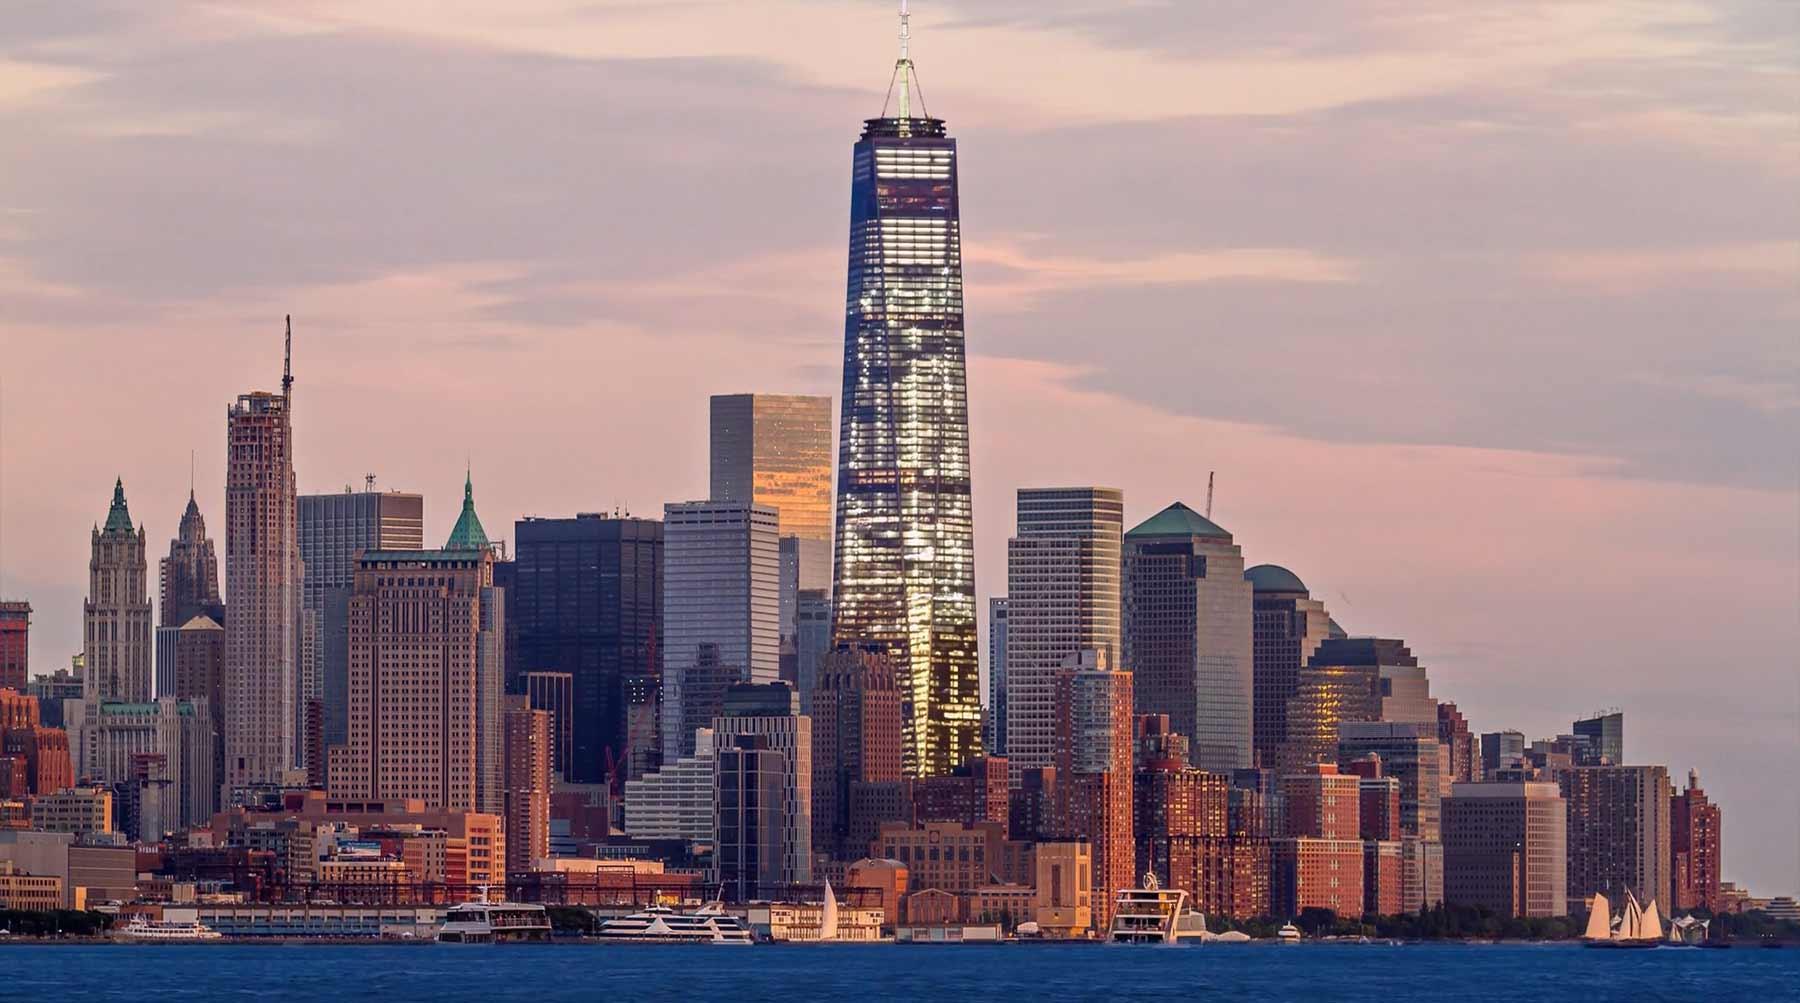 NYC gleichzeitig bei Tag und Nacht